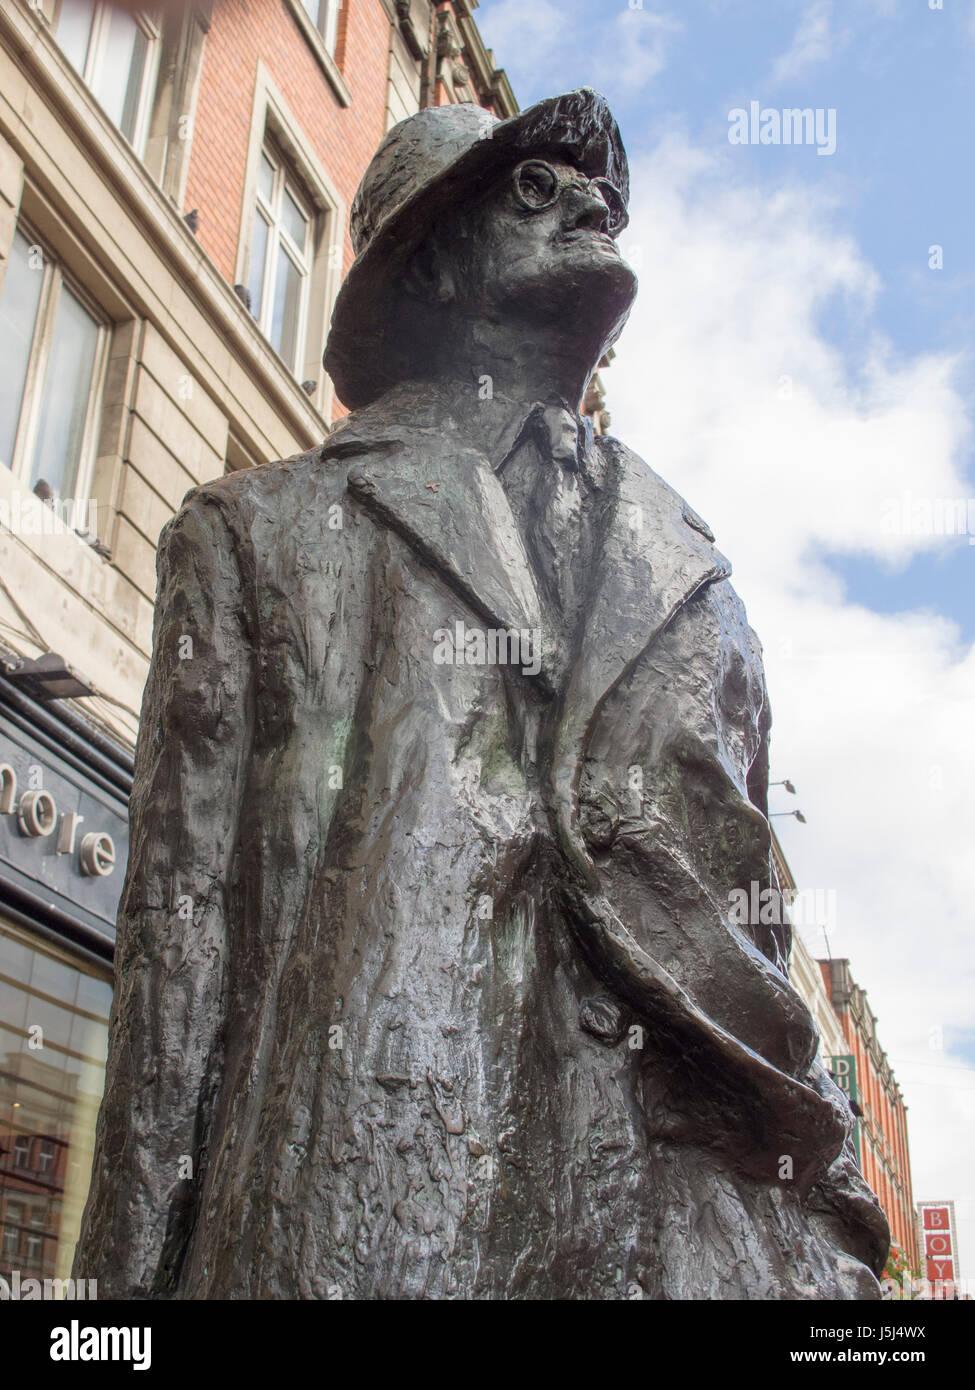 the James Joyce statue on Talbot Street in Dublin, Ireland - Stock Image